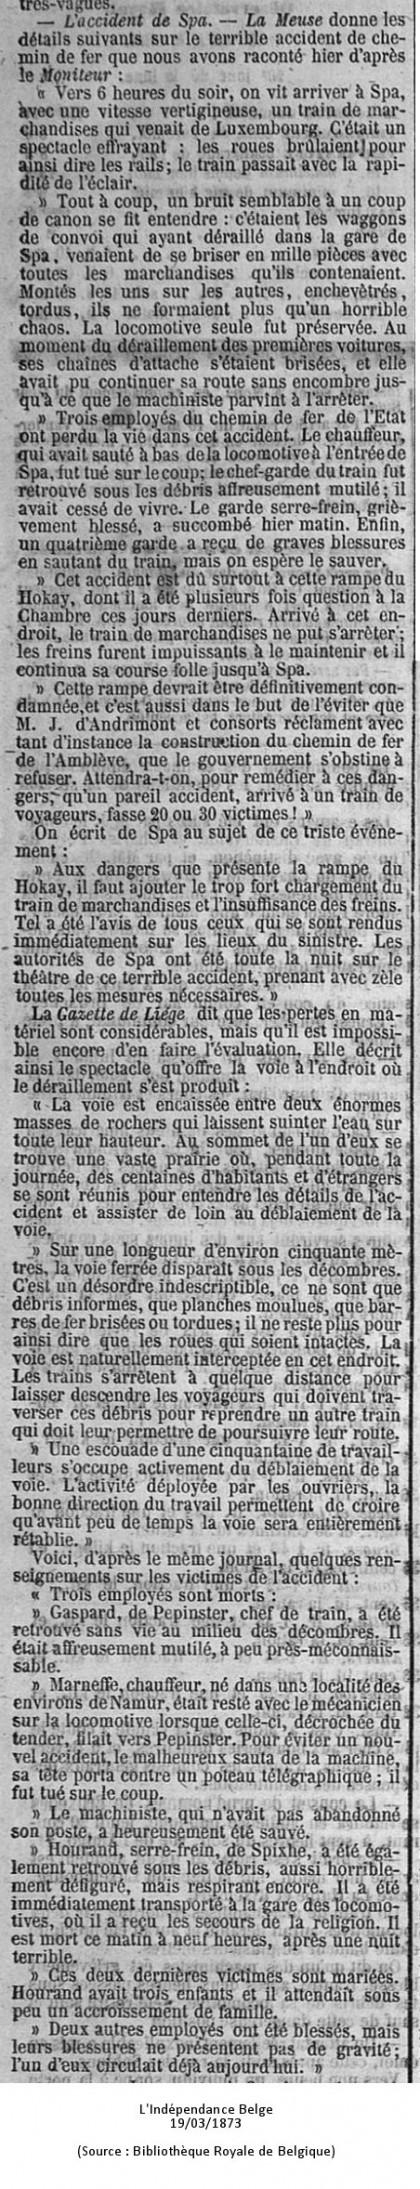 Indépendance Belge 19/03/1873 (Source : Bibliothèque Royale de Belgique)